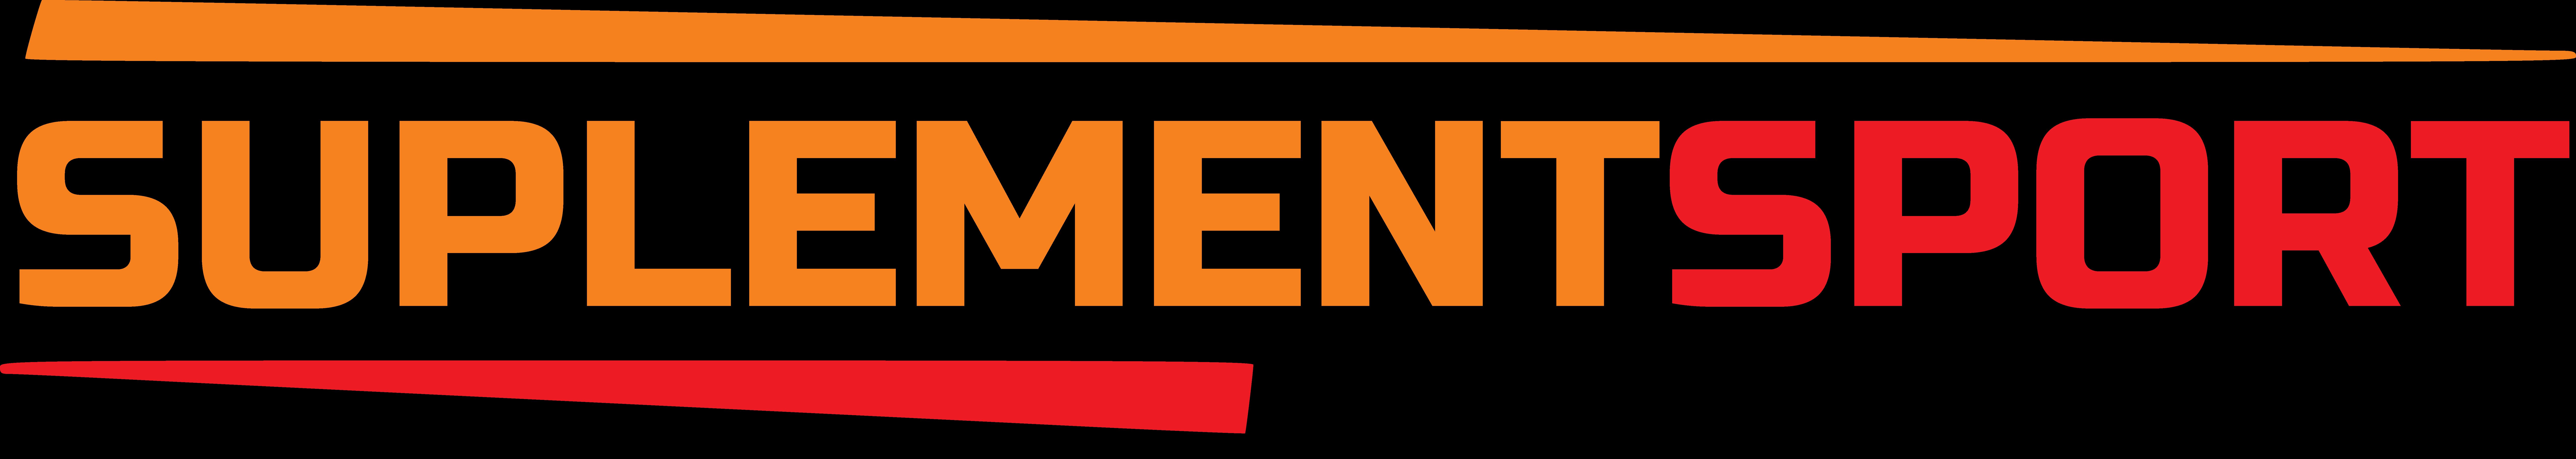 SUPLEMENTSPORT